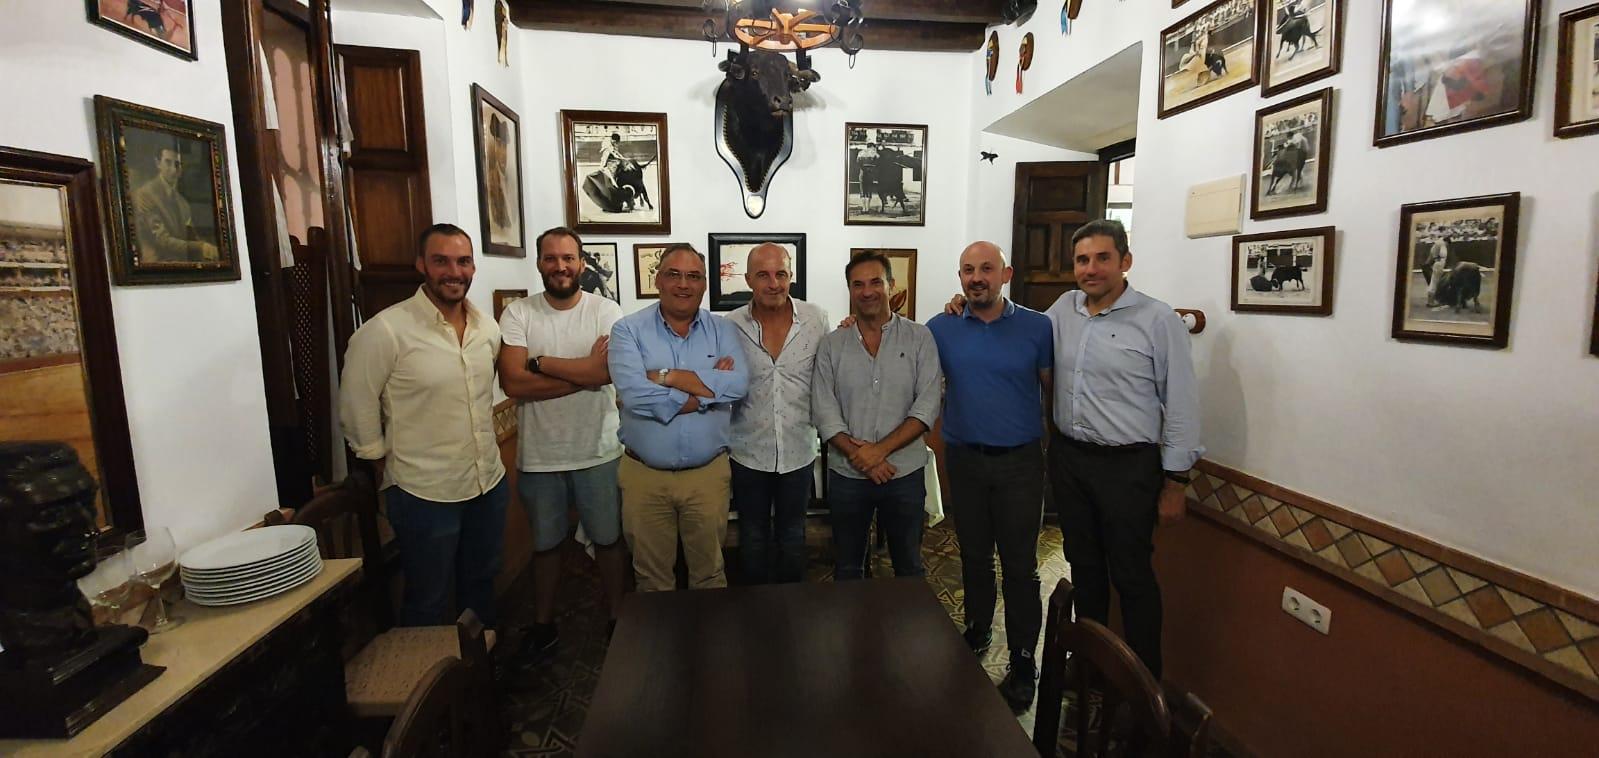 Los capataces de la Hermandad de la Agonía convocan a sus costaleros a la primera igualá fijada en Córdoba con vistas a la Semana Santa de 2022